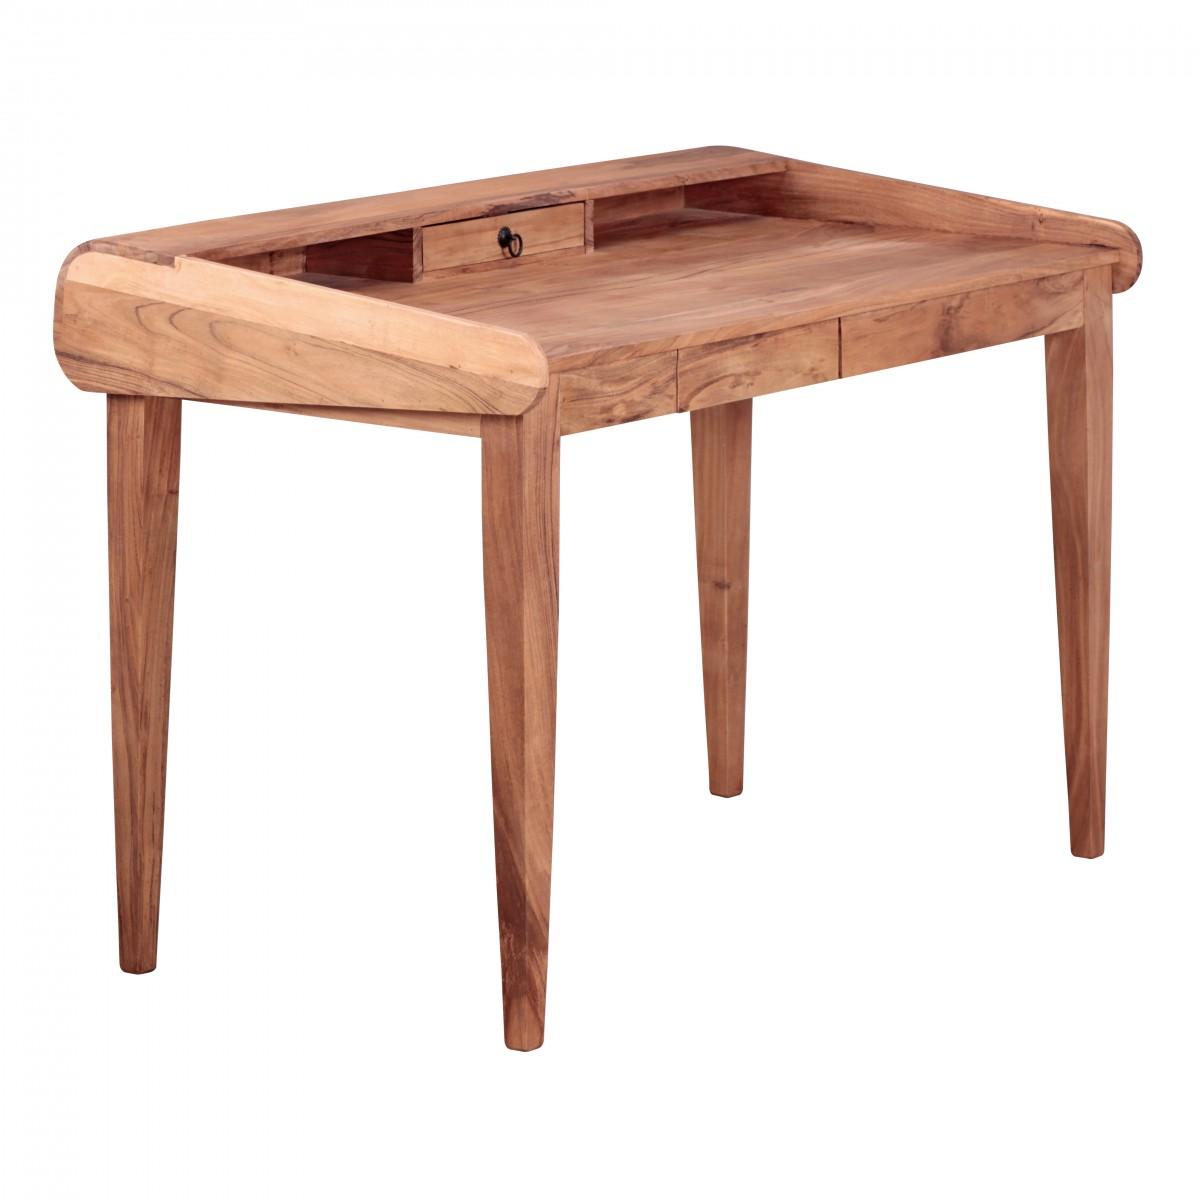 Finebuy design schreibtisch massiv holz 117x76x70 cm for Schreibtisch mit aufsatz holz